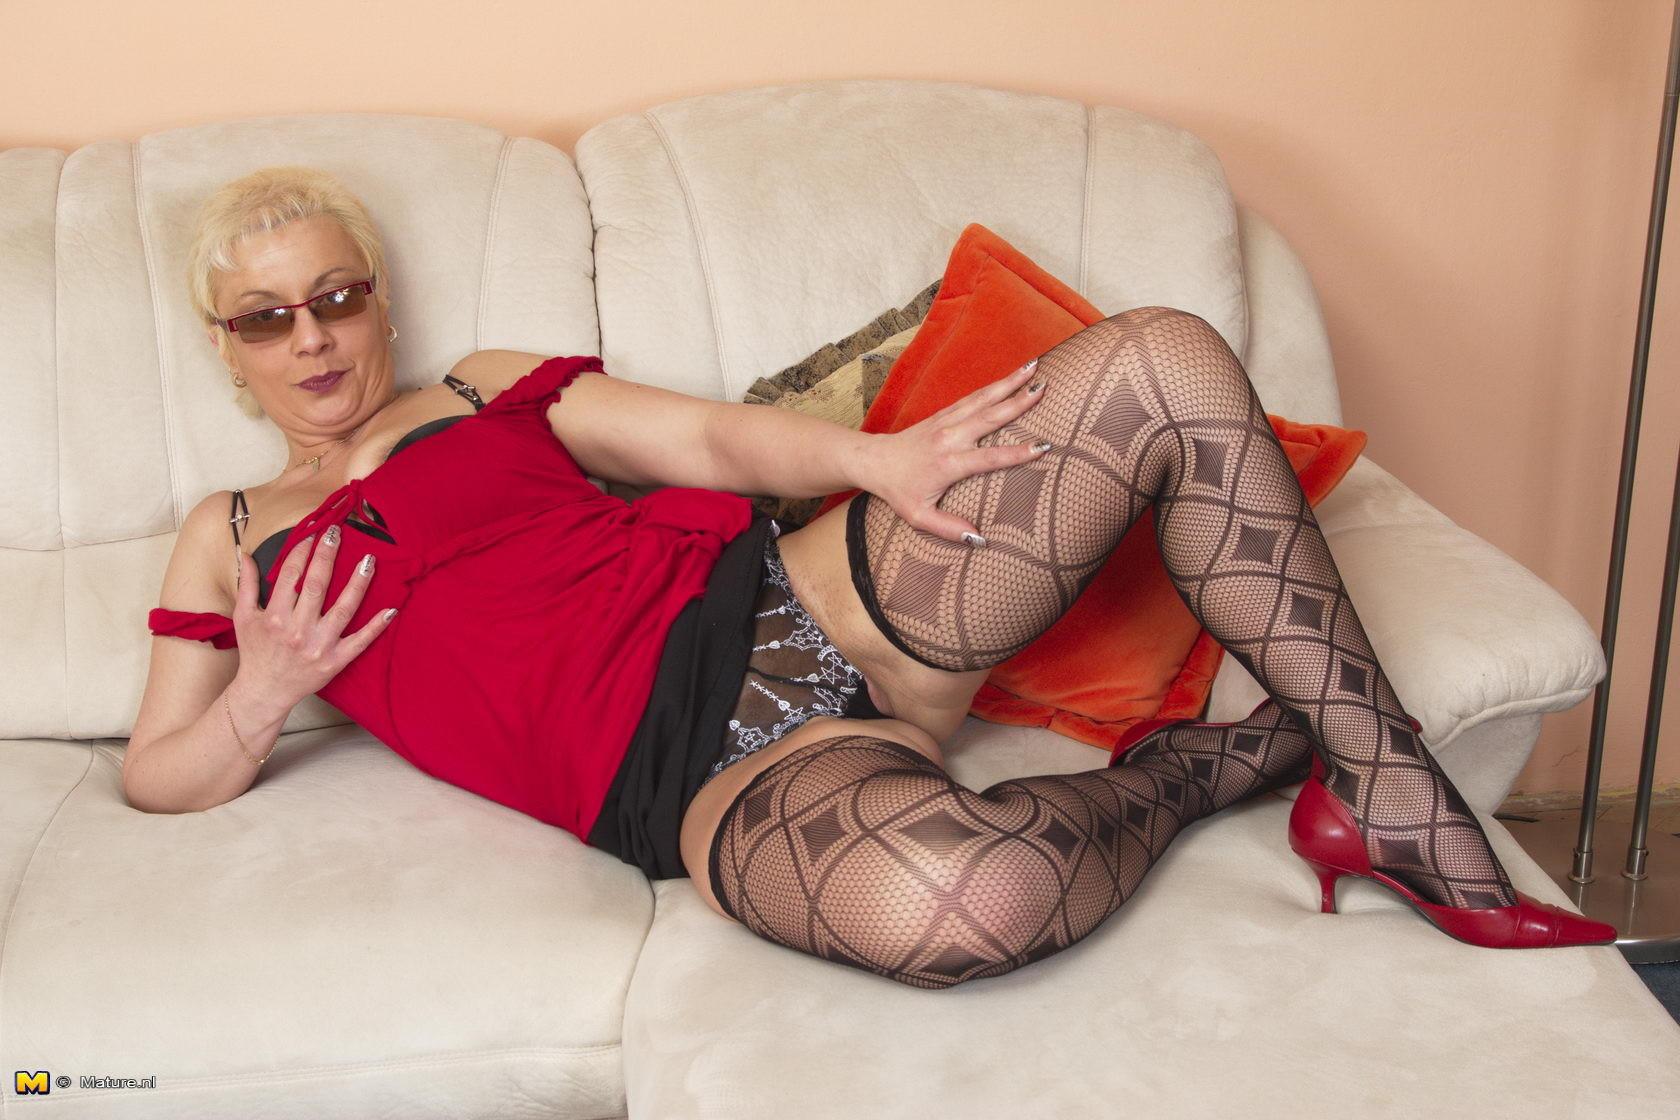 Пожилая блондинка пытается соблазнить висячими сиськами